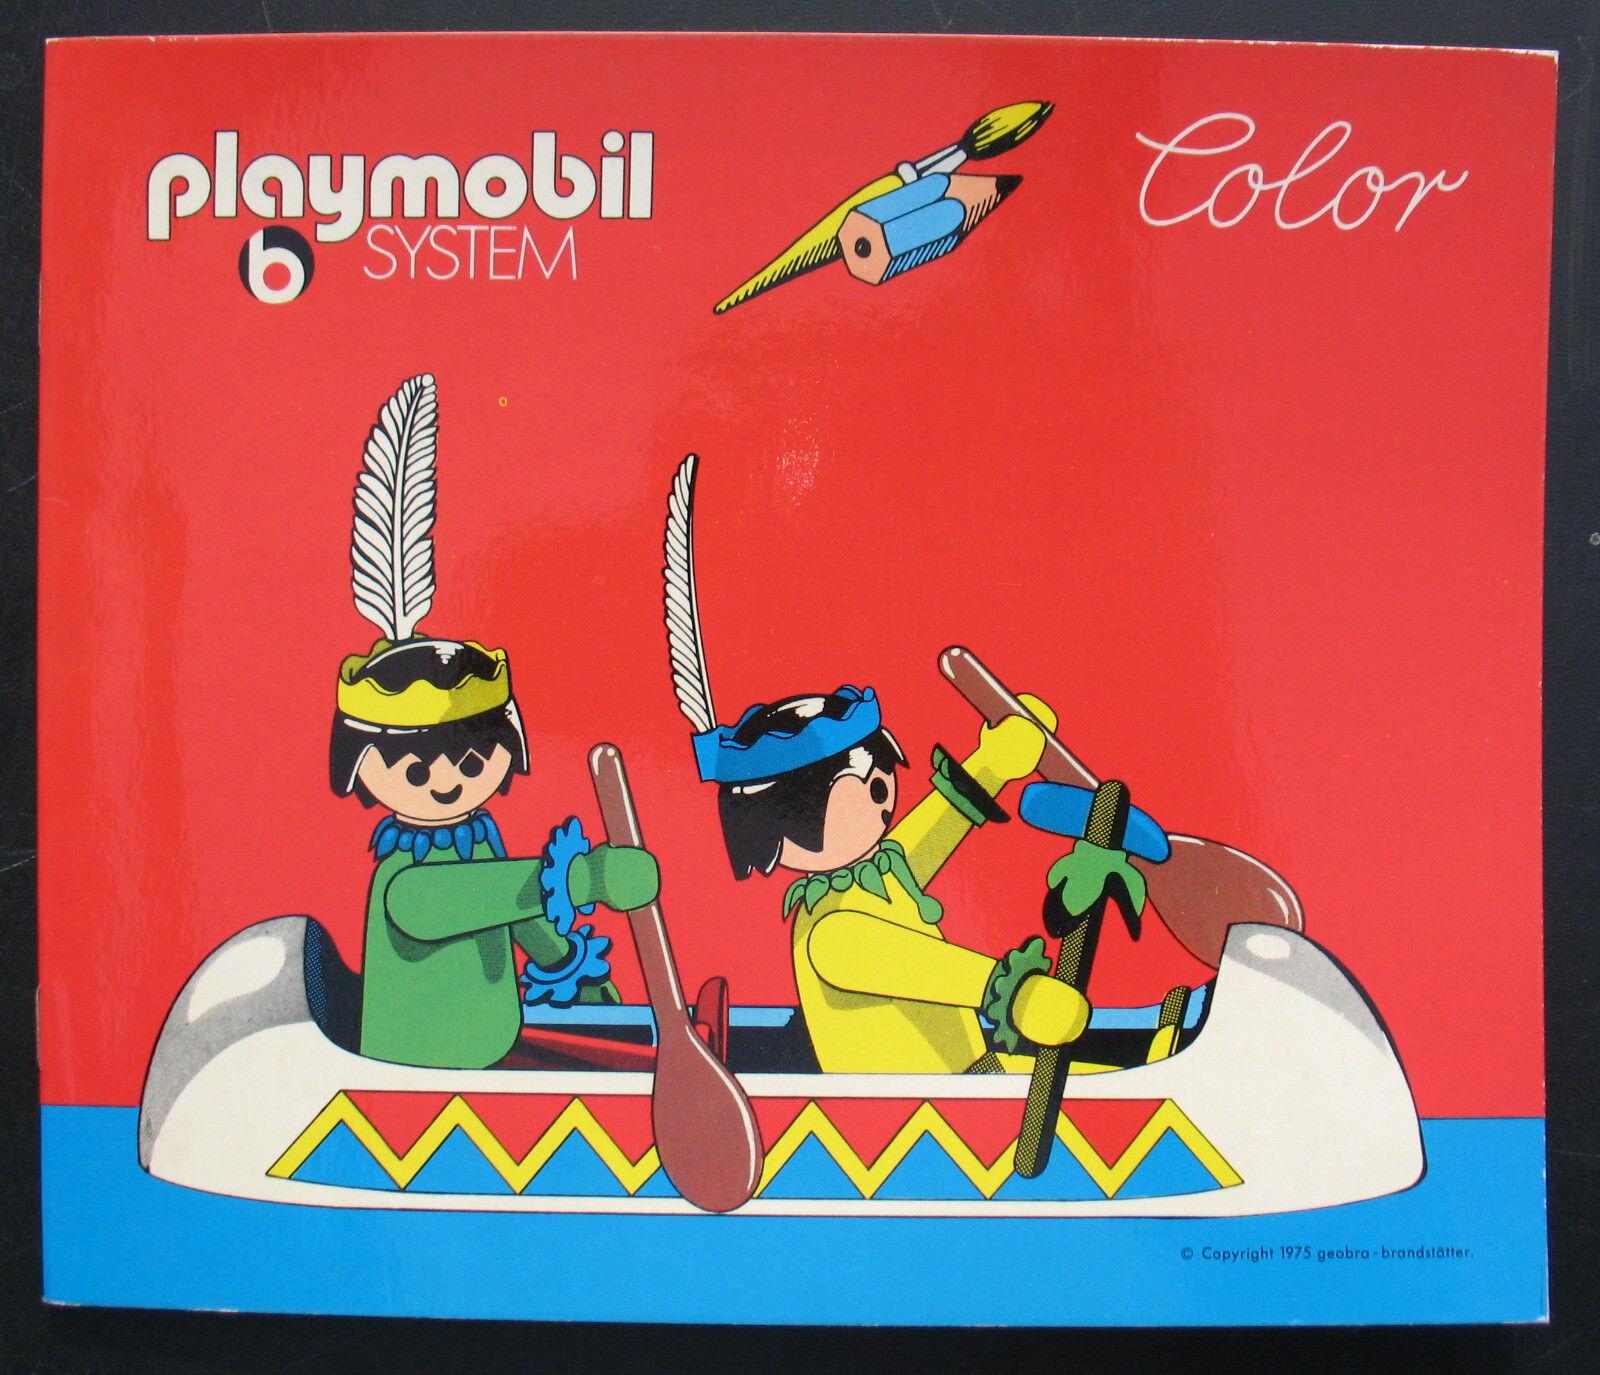 PLAYMOBIL Couleur-Western Livre de Couleuriage-peints-Couleuring Book - 1975 influents